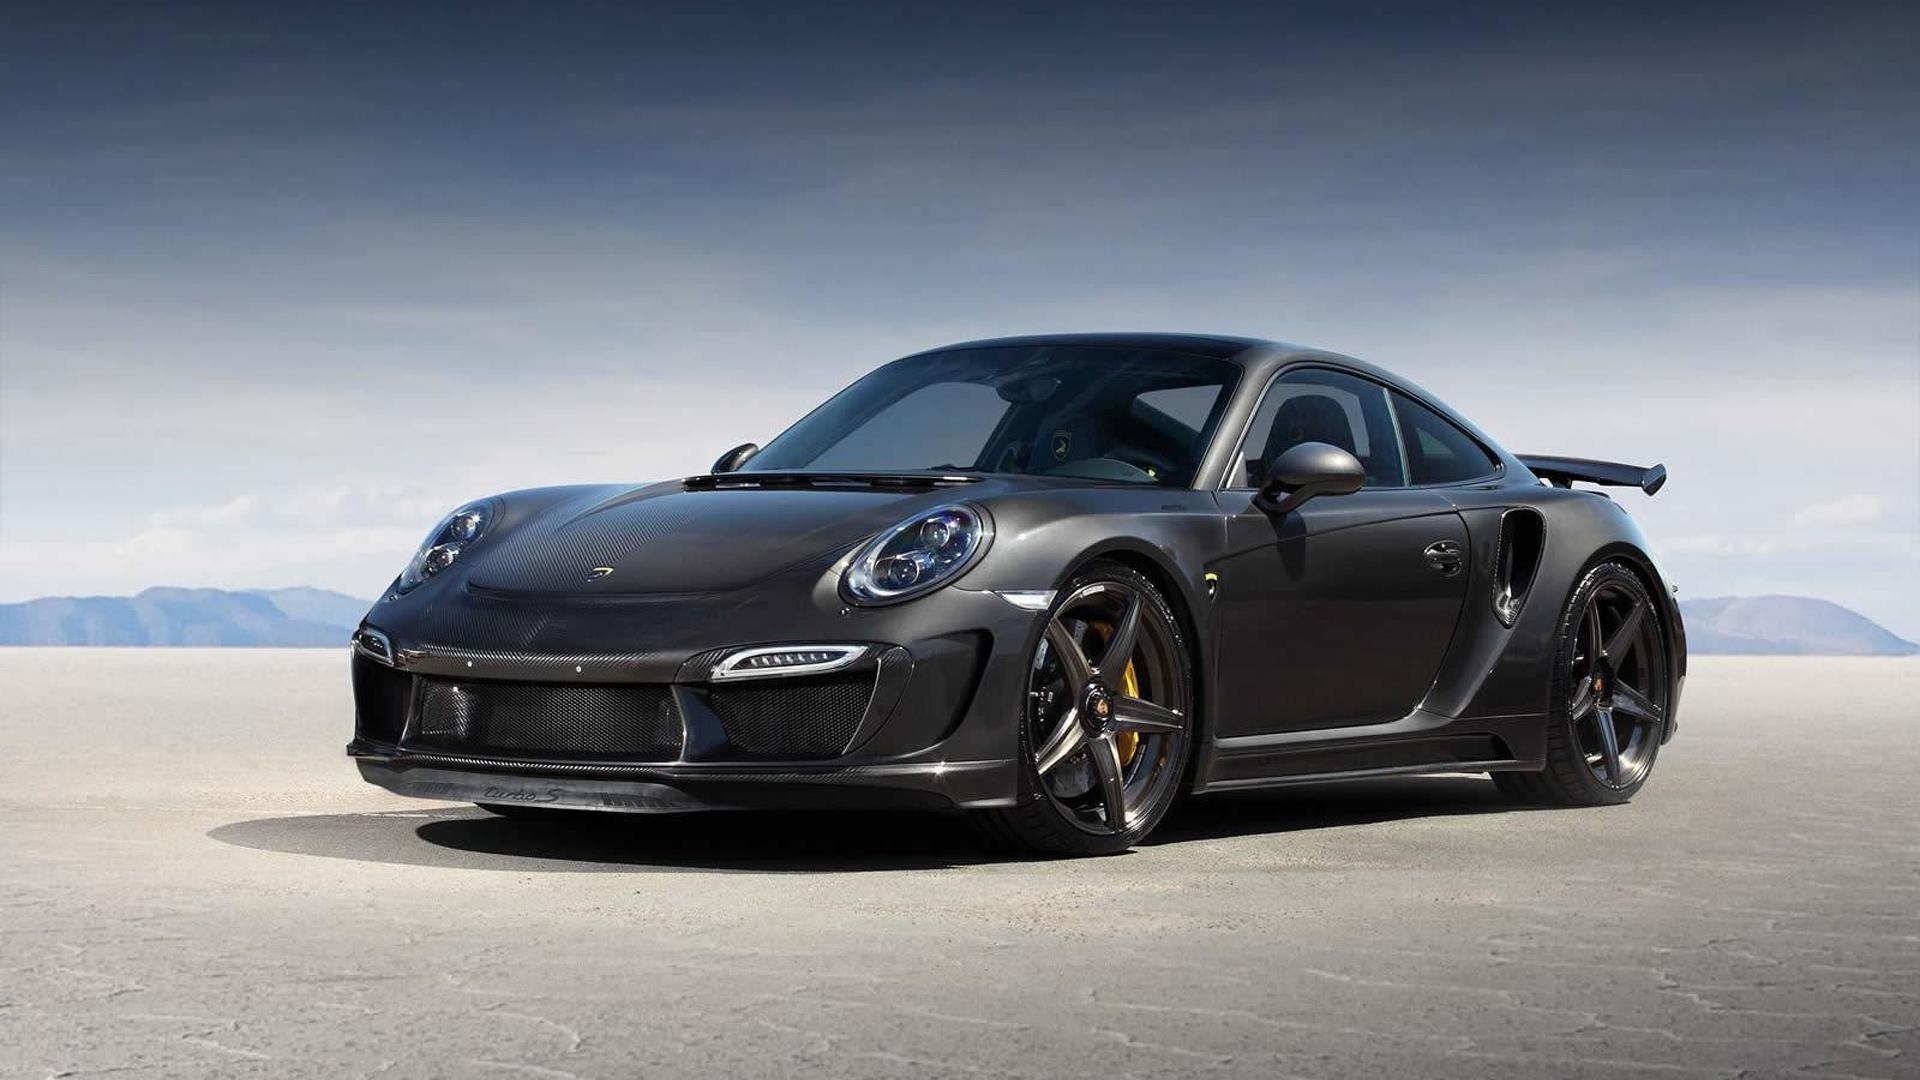 TOPCAR asking €290,000 for a Porsche 991 GTR Carbon Edition